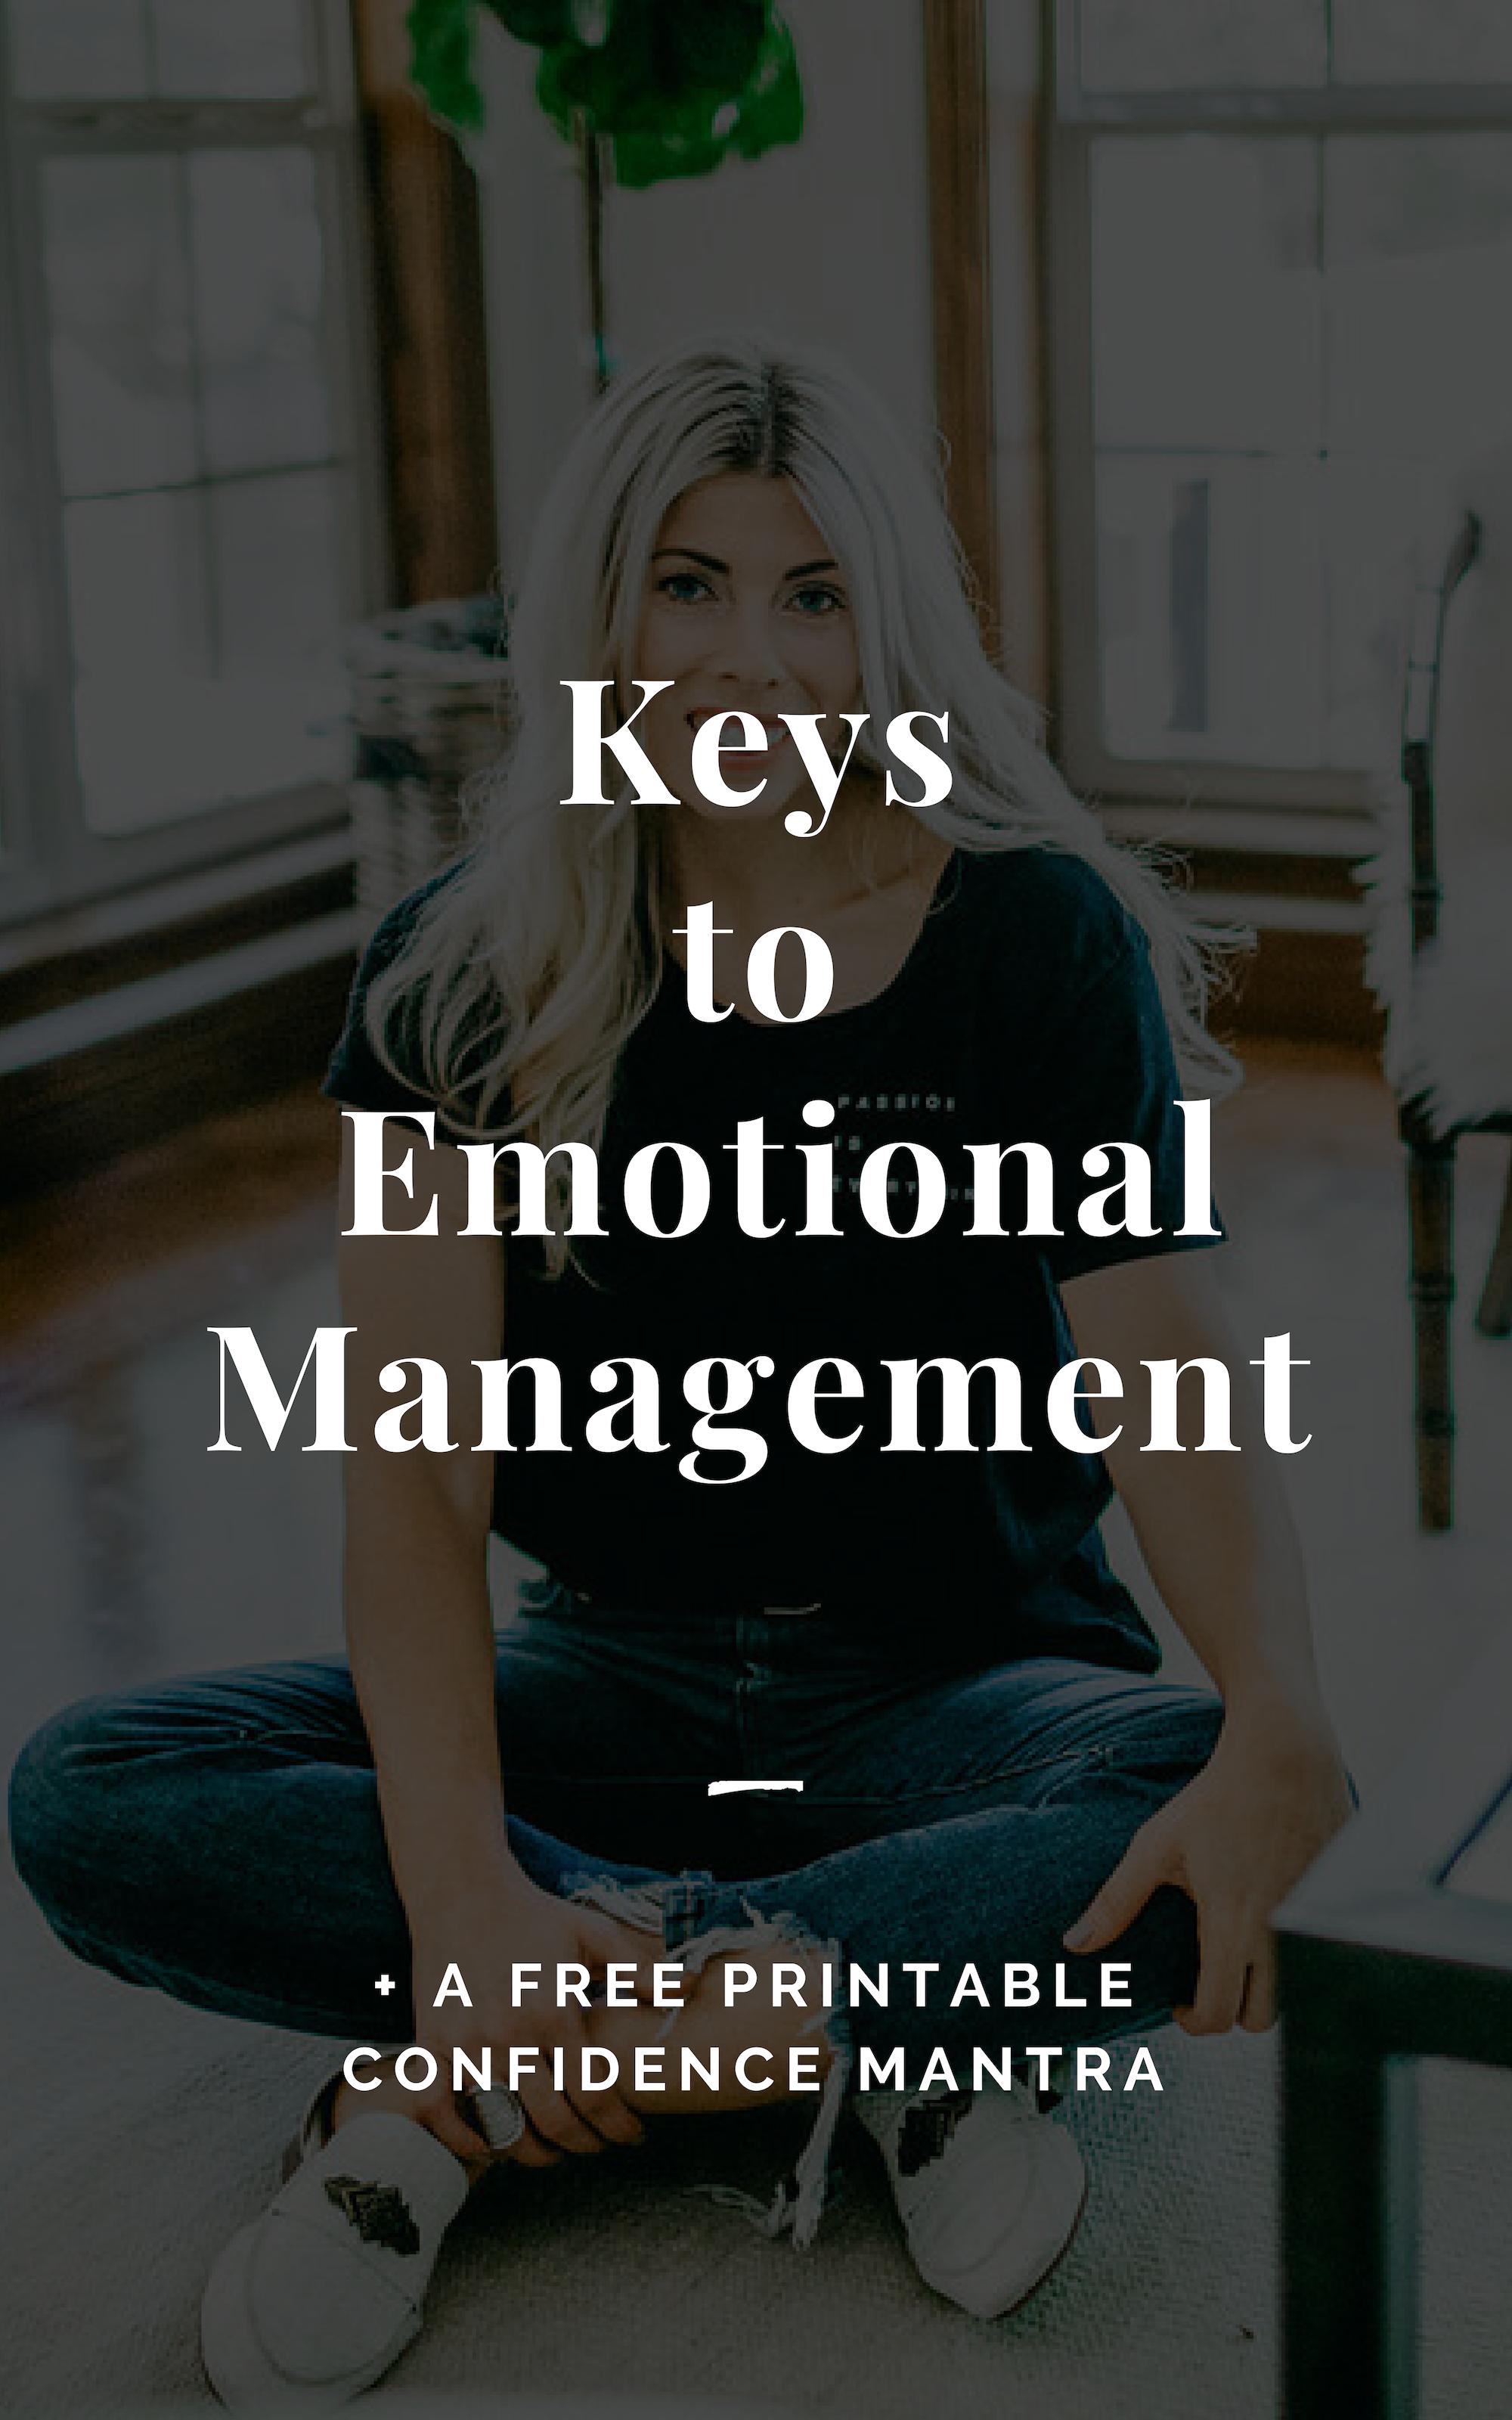 Keys to Emotional Management